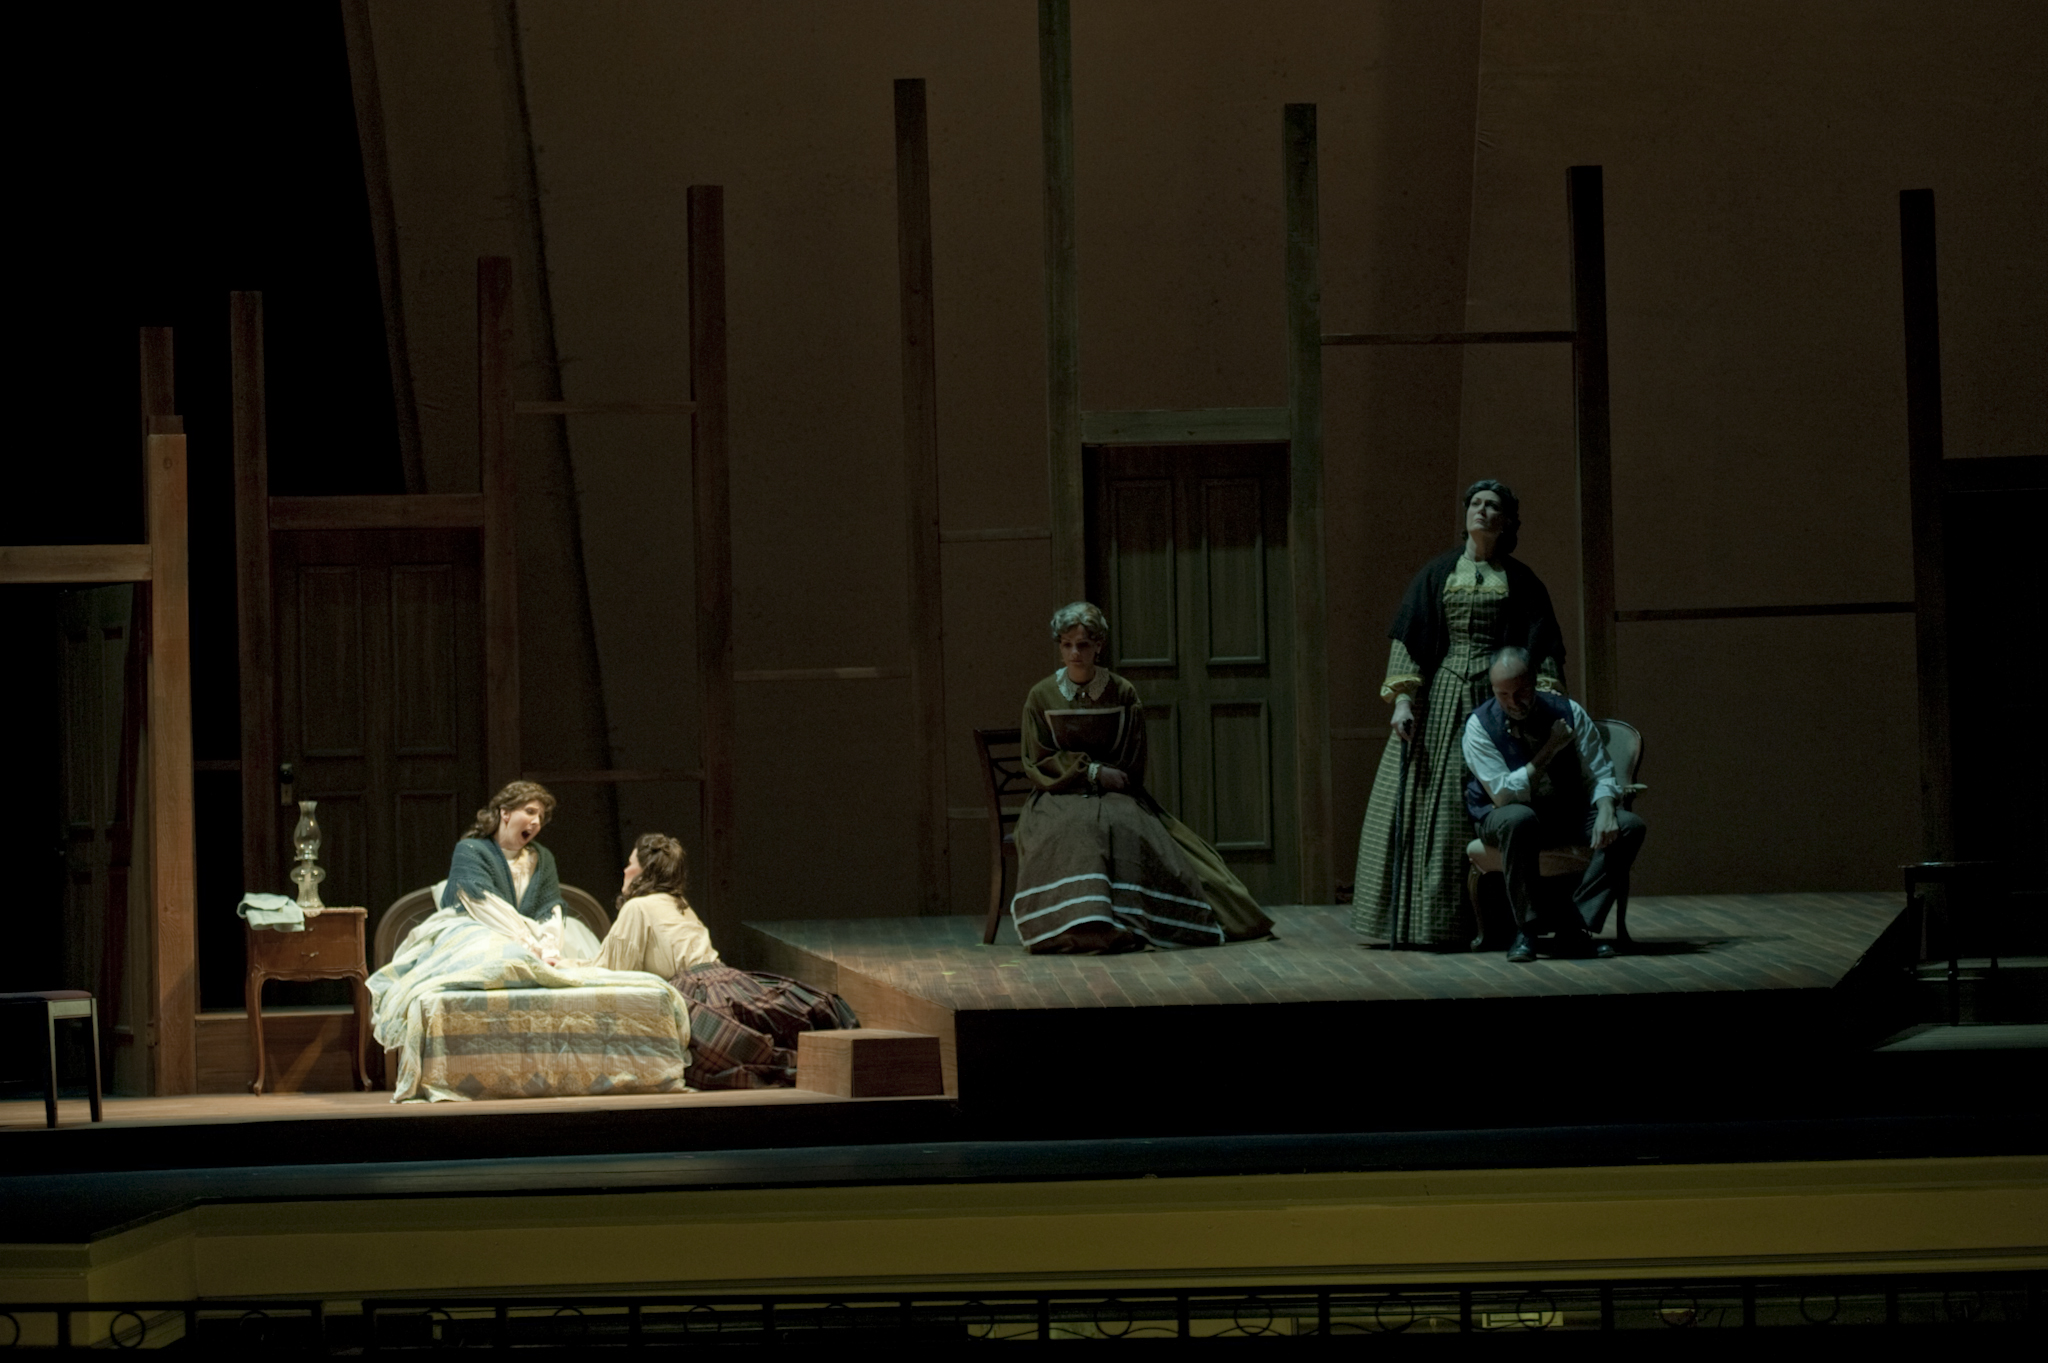 Opera_LilWomen_191.jpg